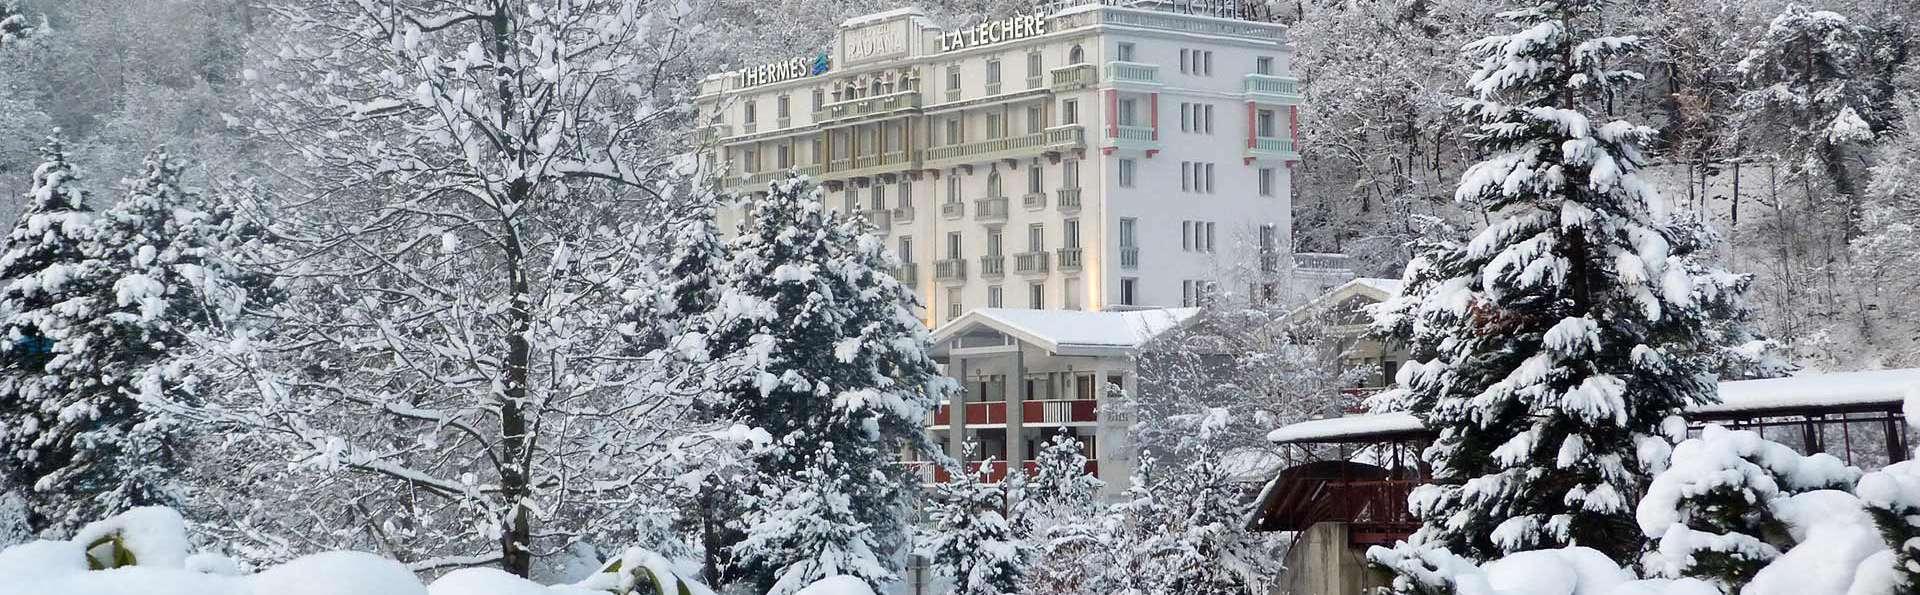 Hôtel Radiana - EDIT_N2_FRONT_01.jpg